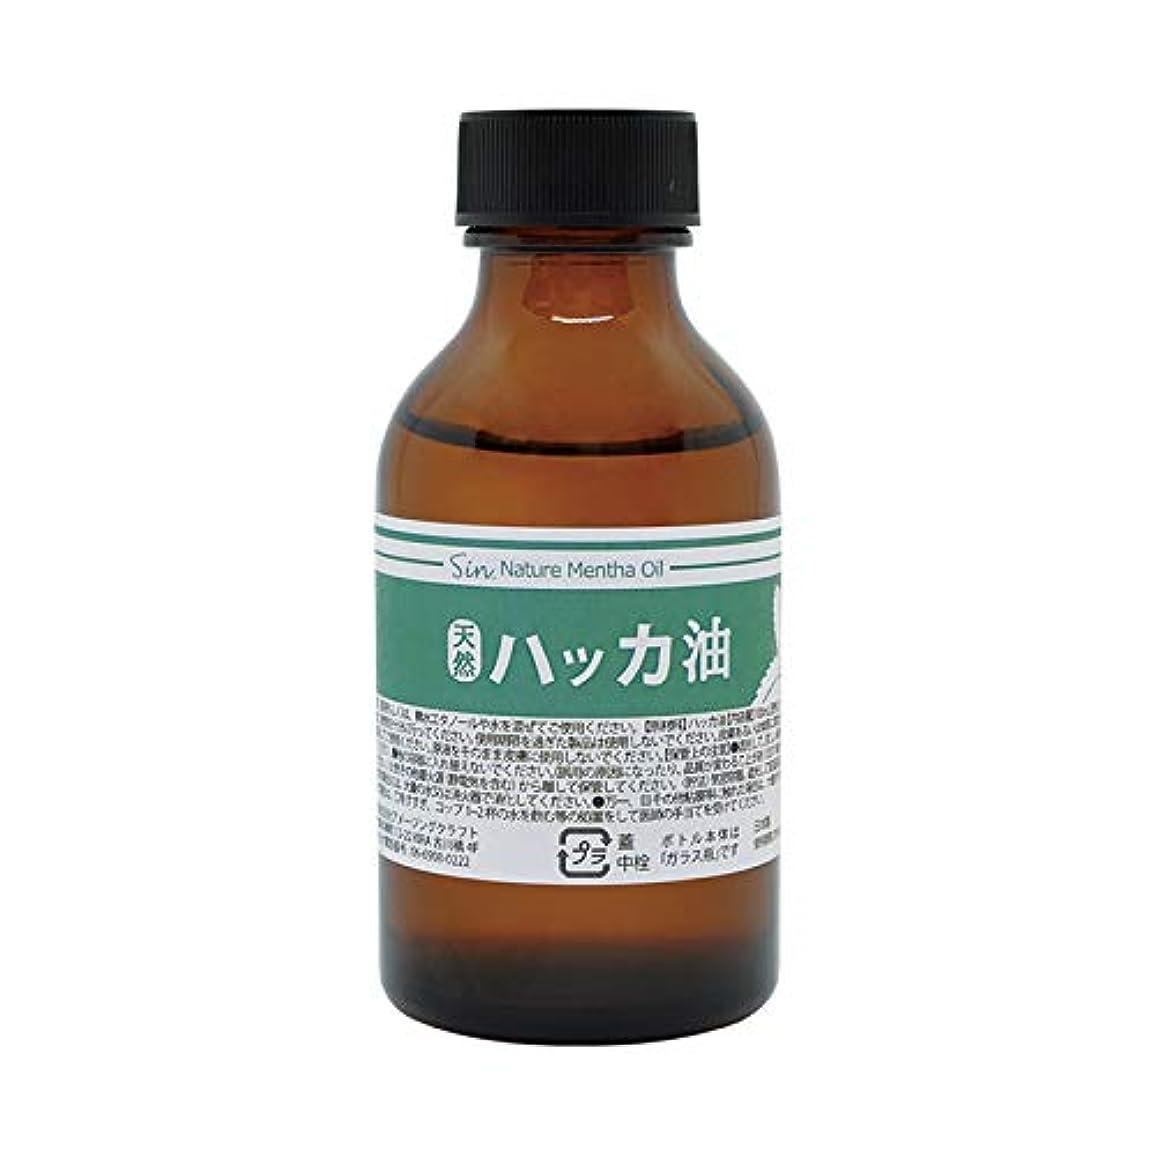 ひも鋸歯状モッキンバード日本製 天然ハッカ油(ハッカオイル) 100ml 中栓?スポイト付き